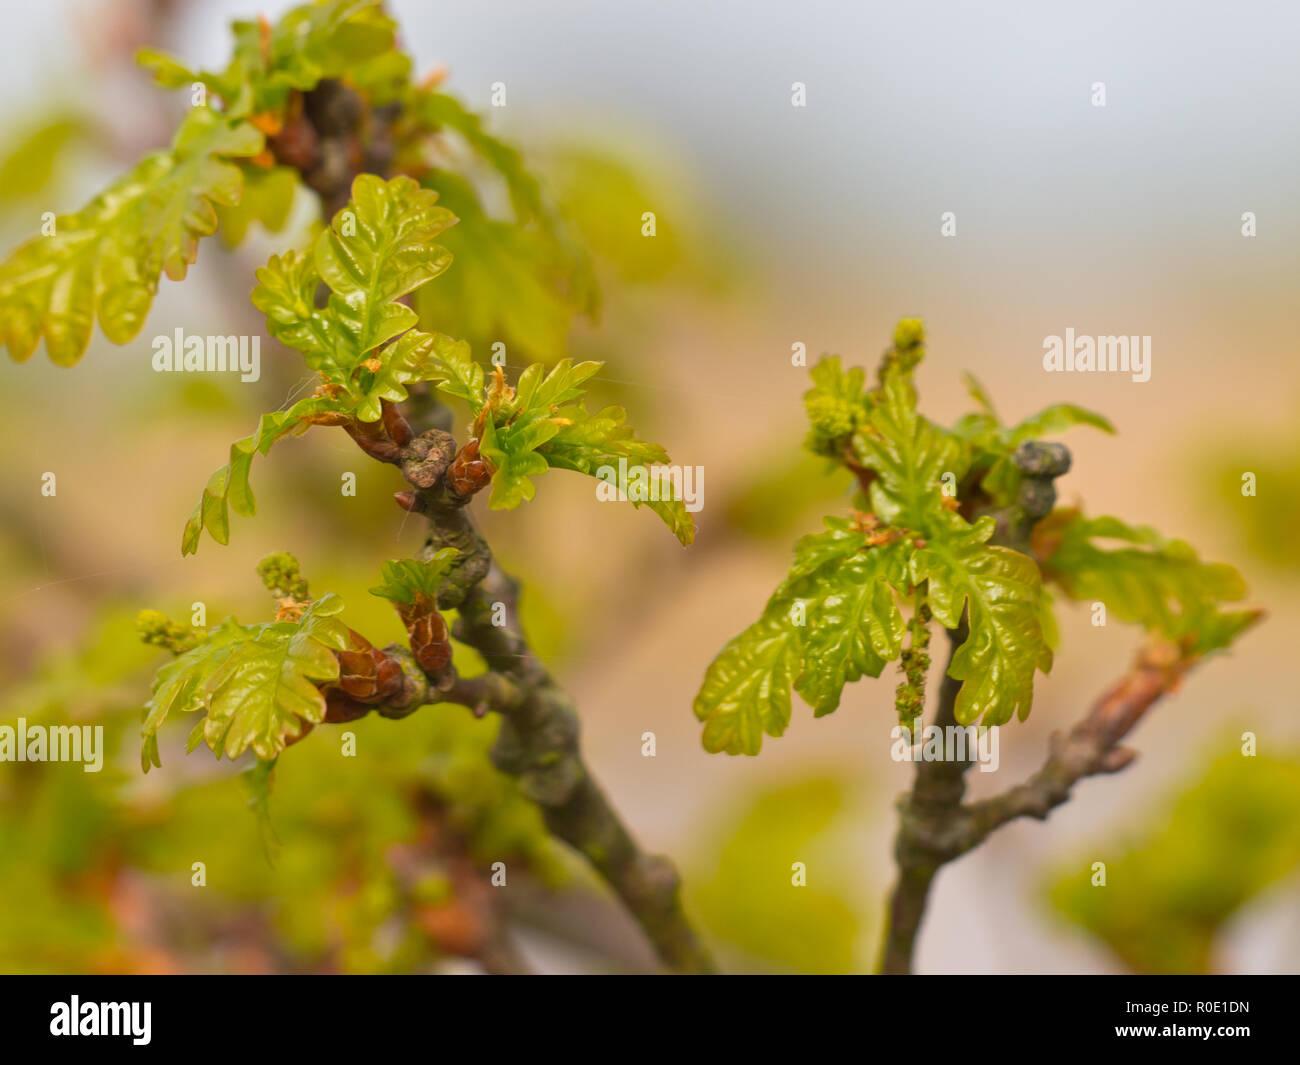 De uitlopende versículo bladeren van een eik in de lente Imagen De Stock